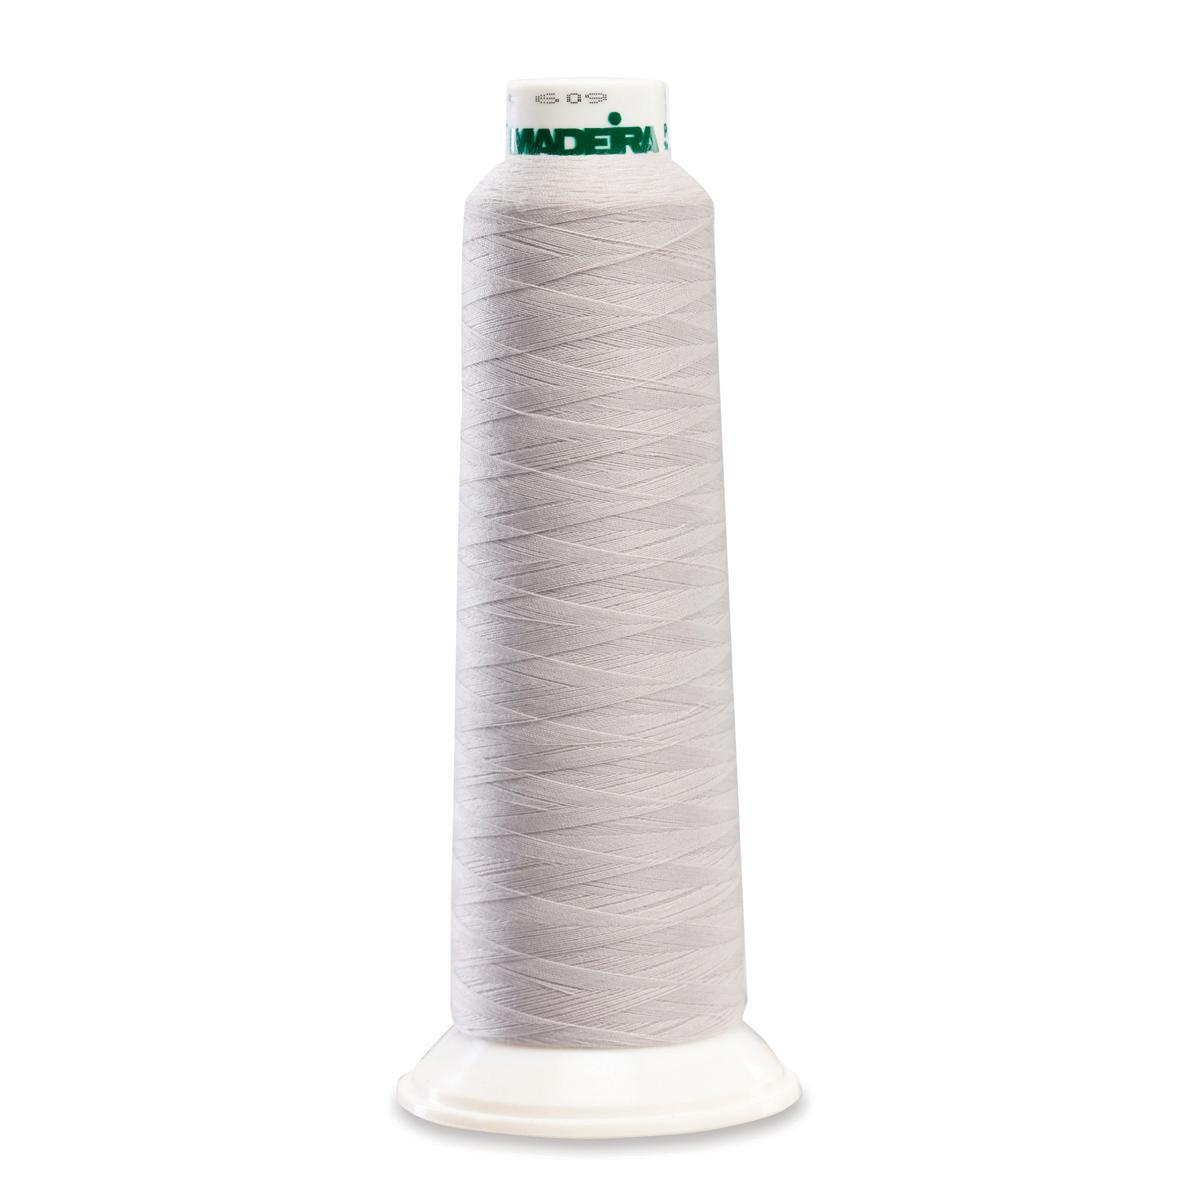 8686 Silver Poly Serger Thread Madeira Aerolock